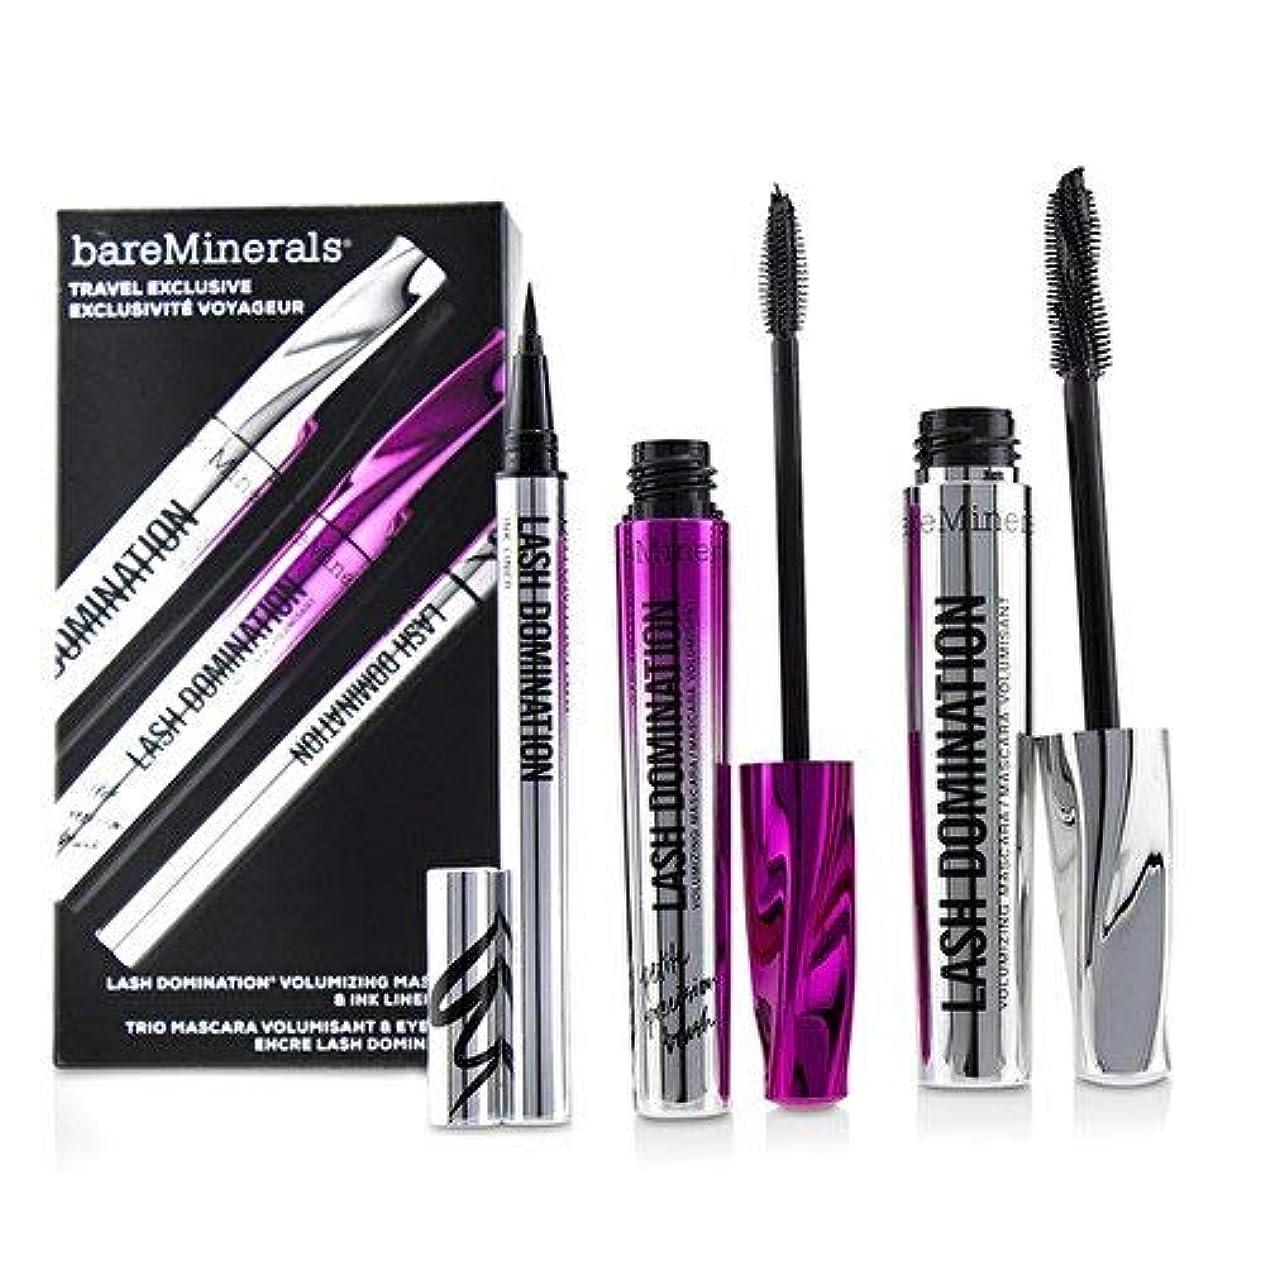 シャンプー組み合わせ観光に行くベアミネラル Lash Domination Volumizing Mascara & Ink Liner Trio (2x Mascara, 1x Eyeliner) 3pcs並行輸入品